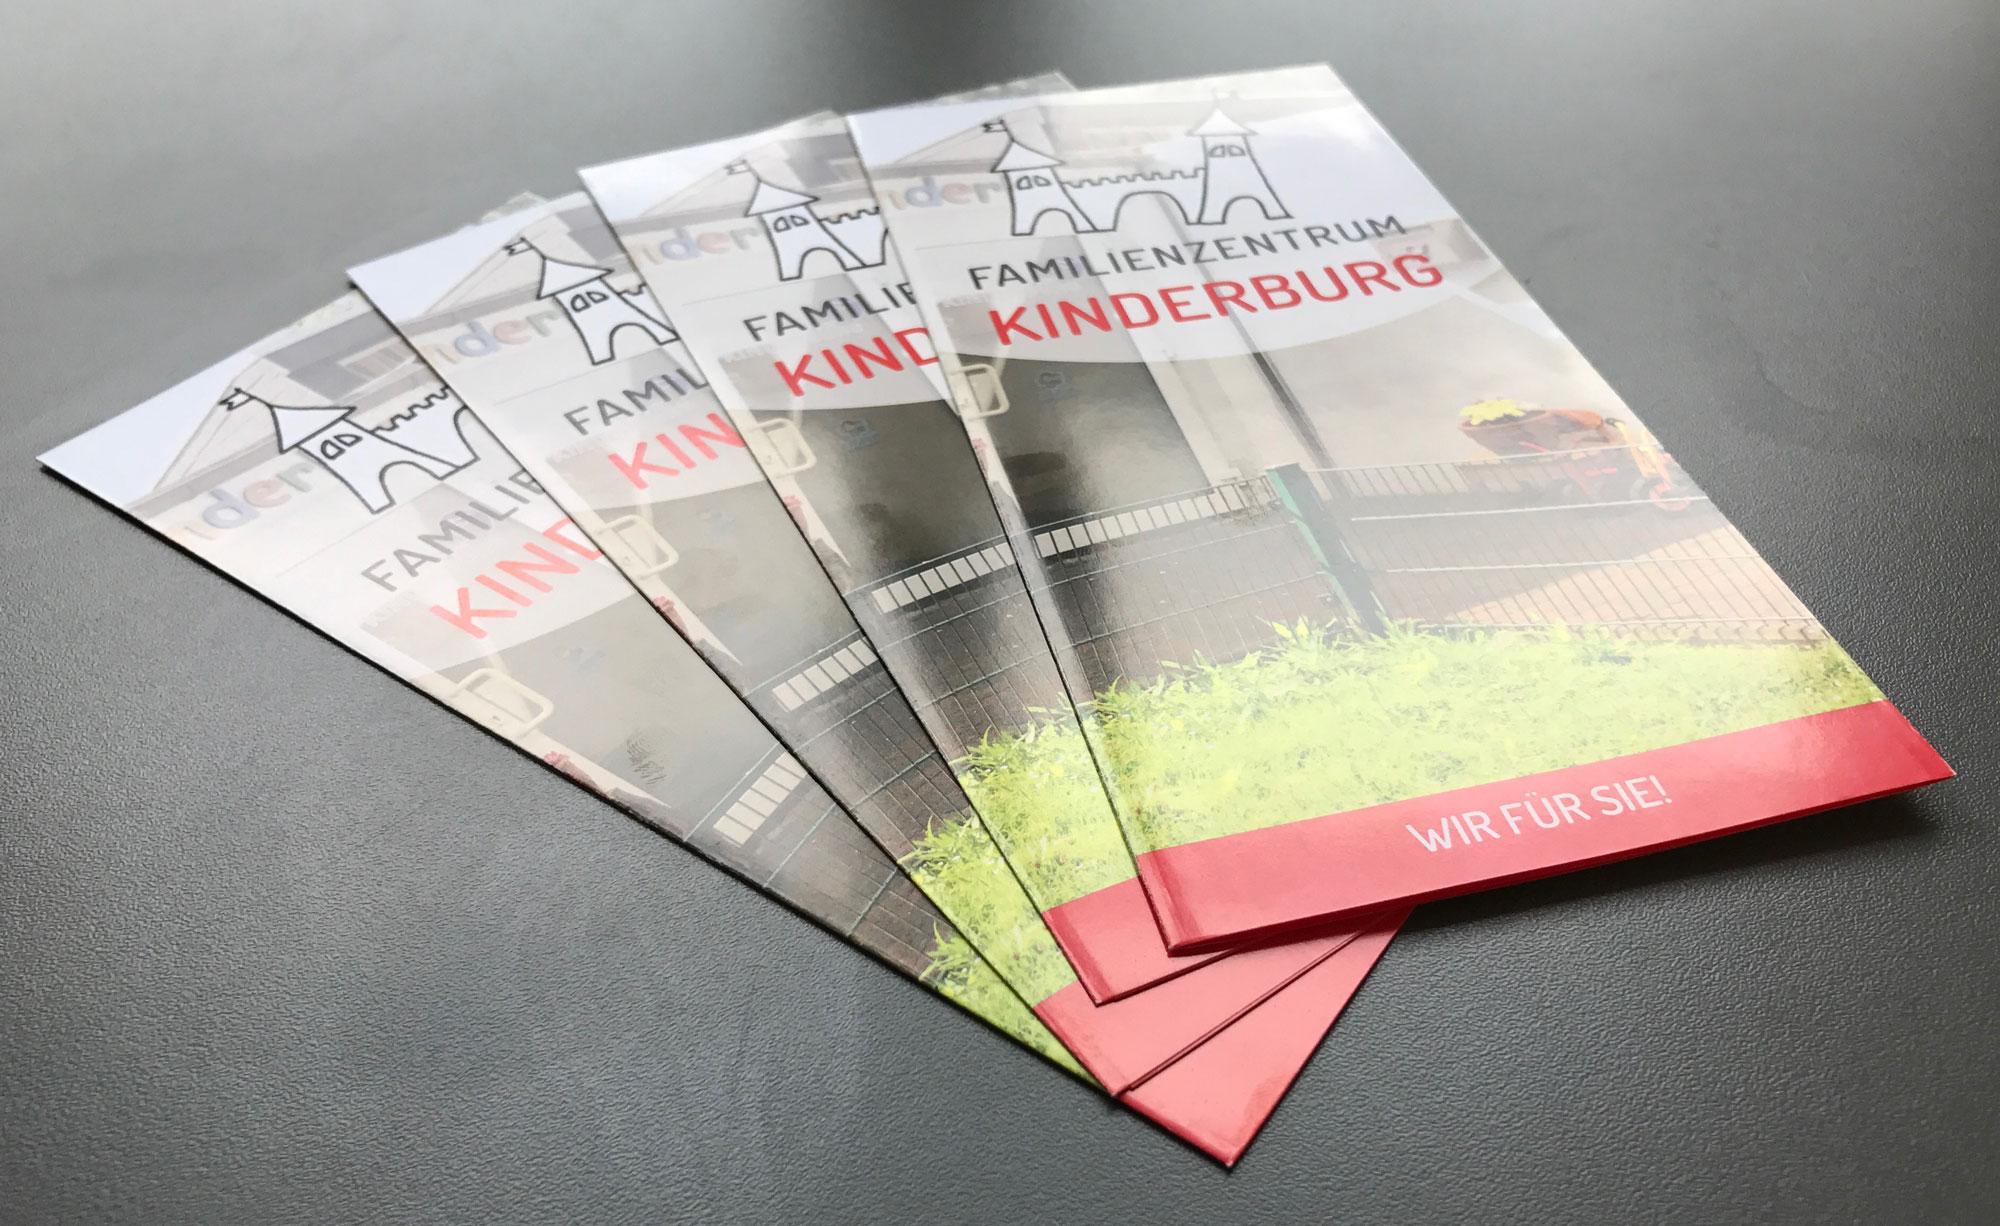 Neue Faltblätter für die Kinderburg